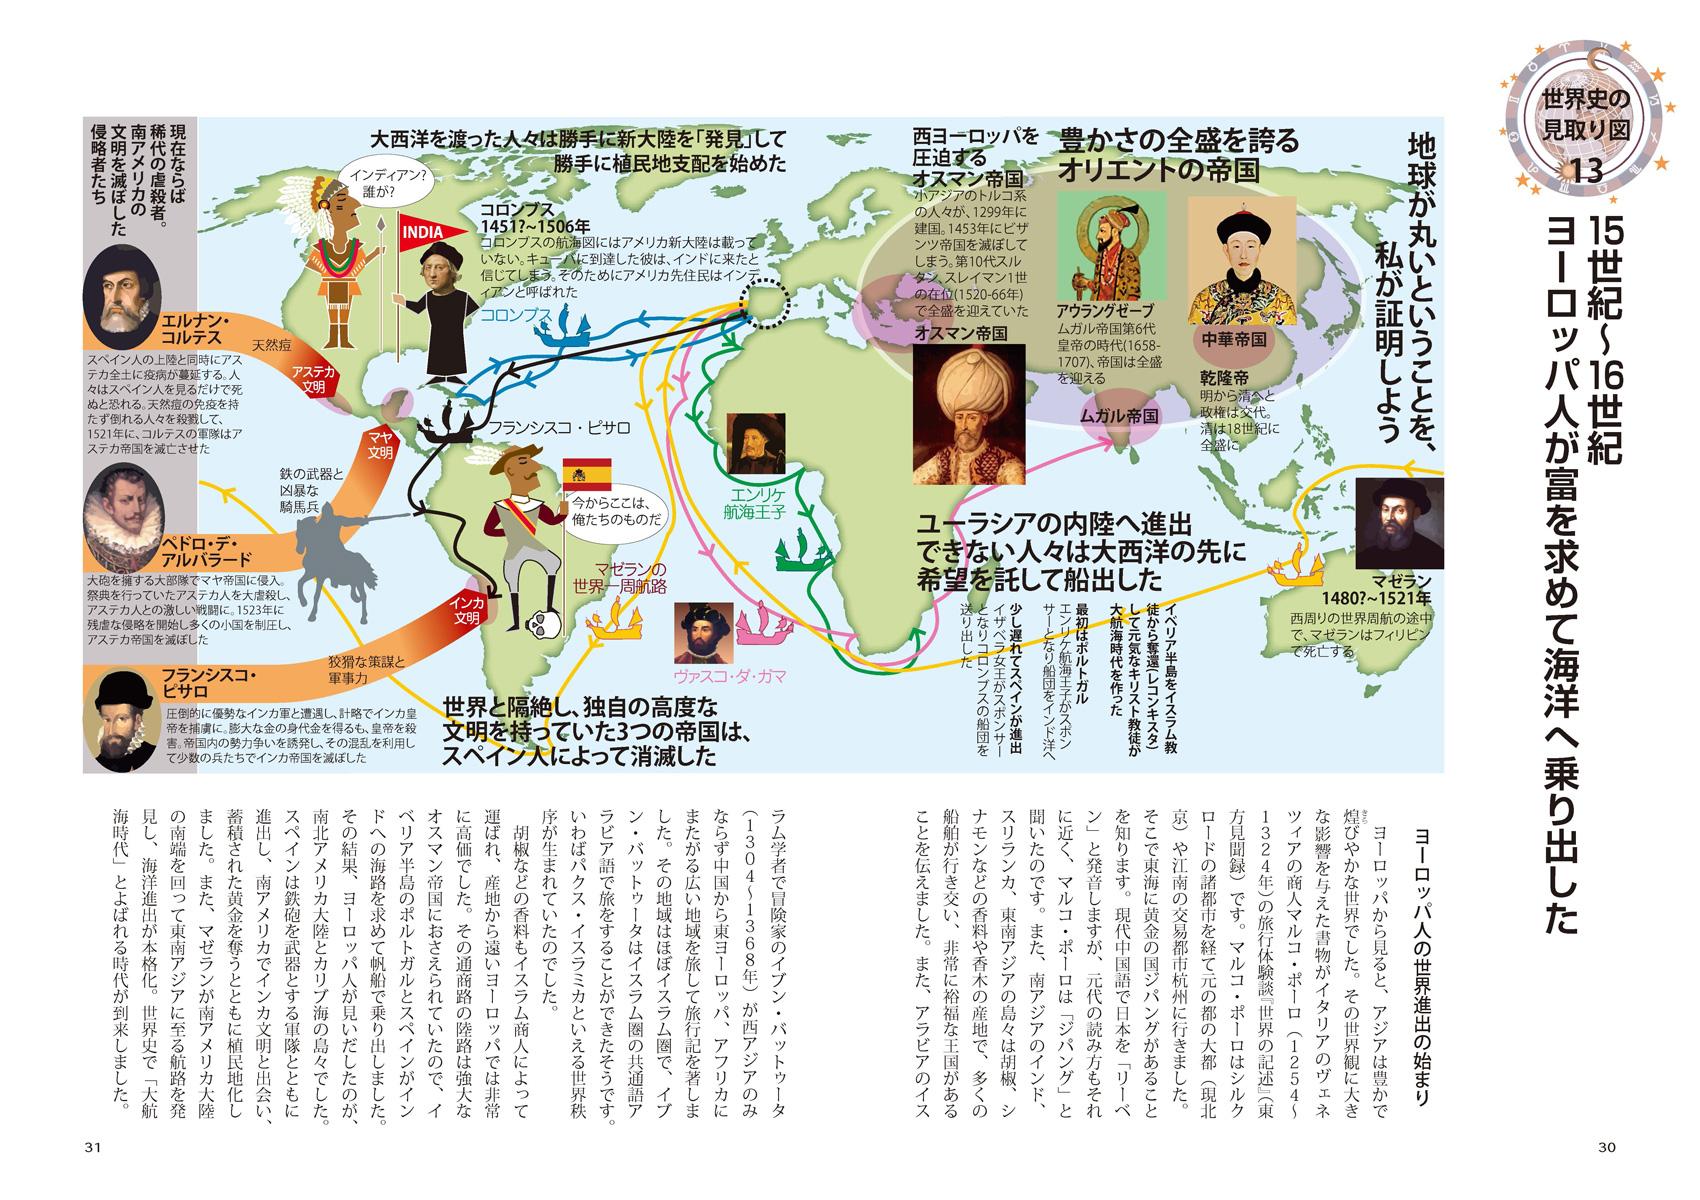 『図解でわかる 14歳から知る日本戦後政治史』ページサンプル7